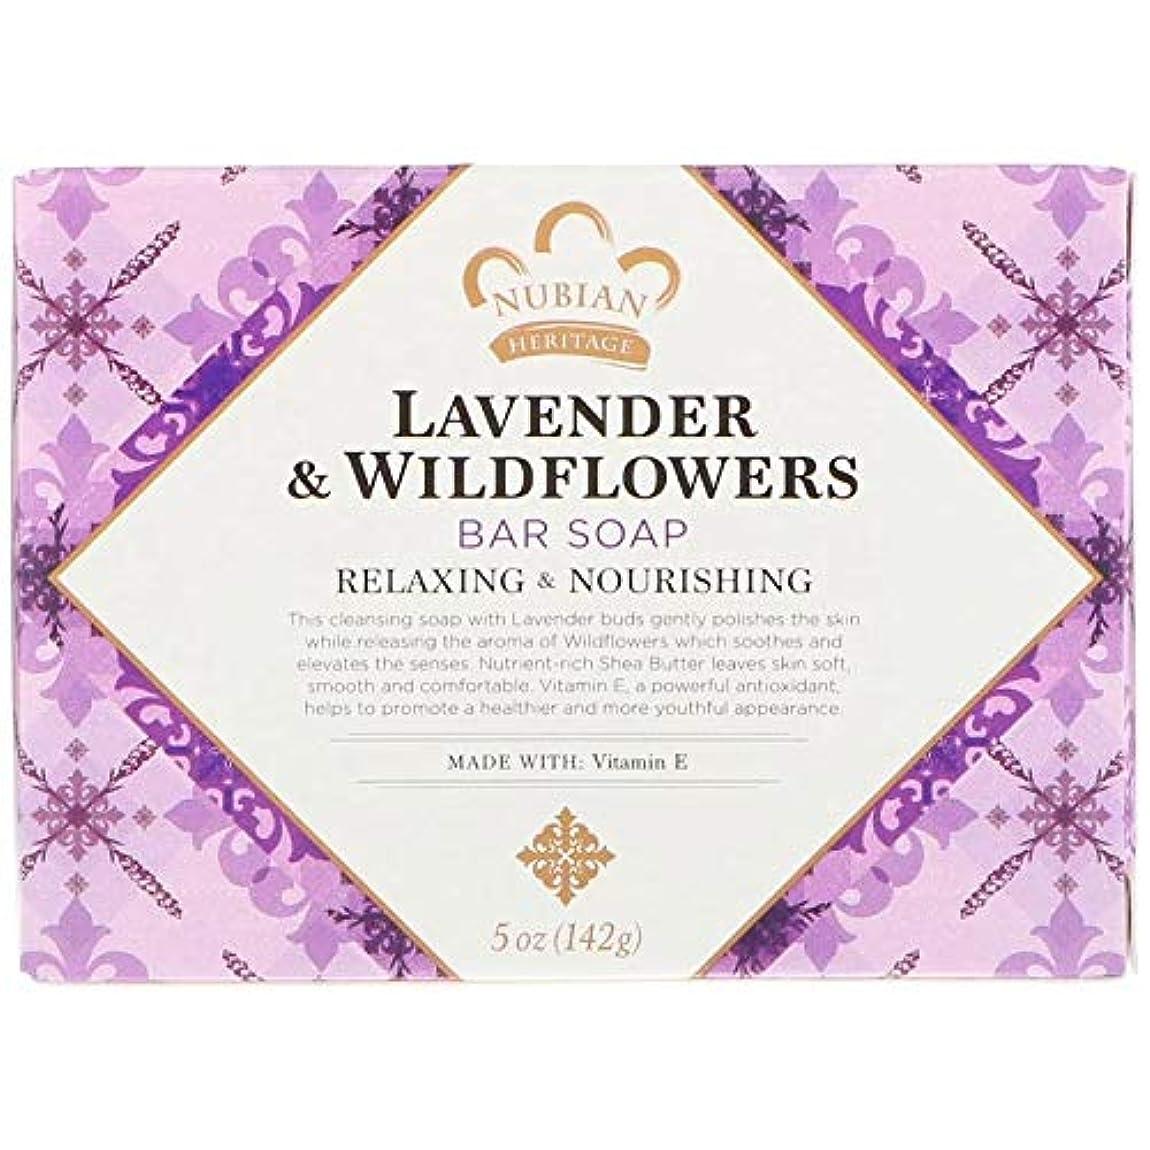 ブリッジ回転するコーチシアバターソープ石鹸 ラベンダー&ワイルドフラワー Lavender & Wildflowers Bar Soap, 5 oz (142 g) [並行輸入品]